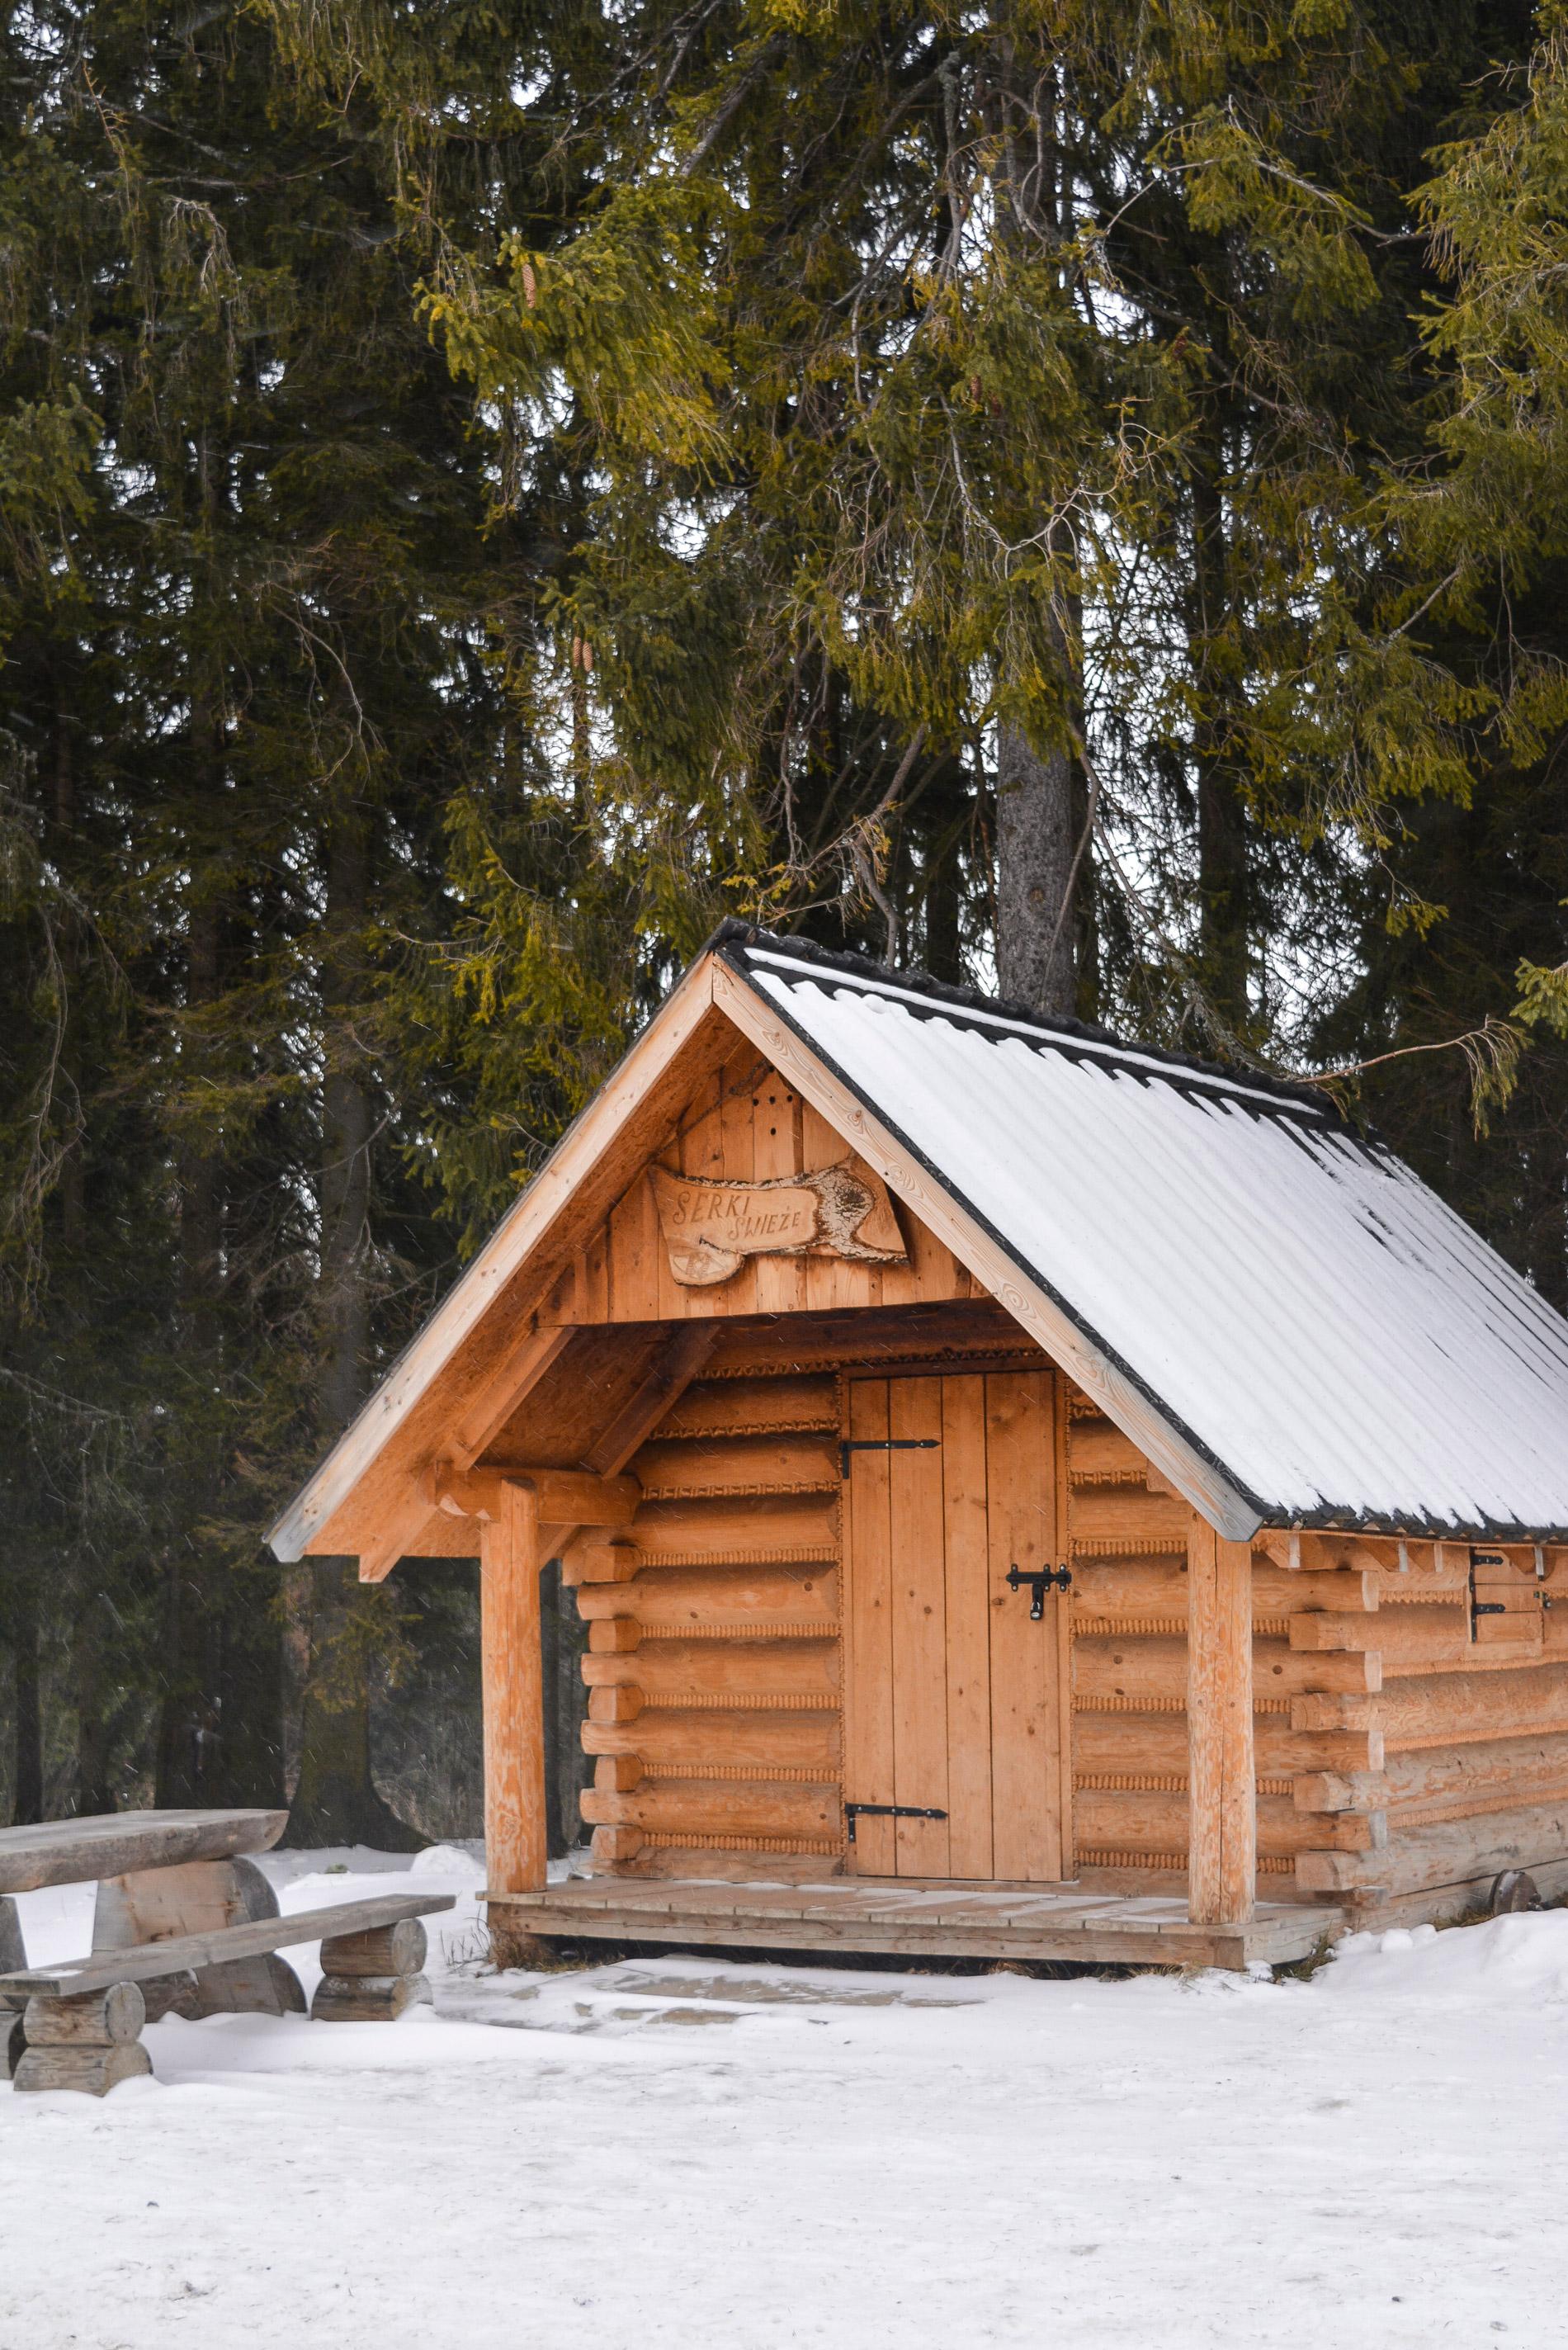 Cabine de madeira no meio das montanhas em Zakopane